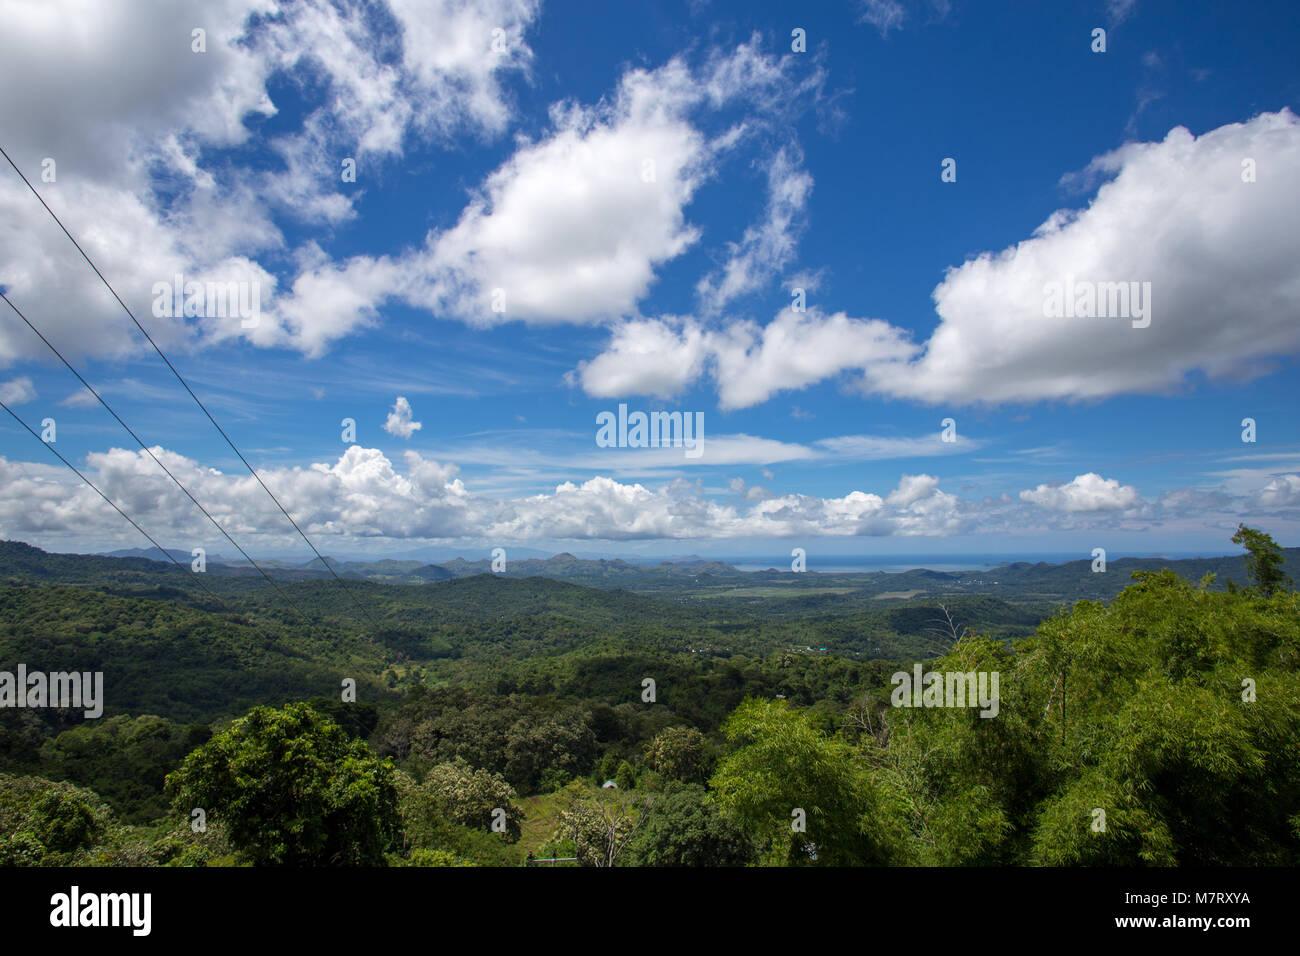 Trópico Verde bosque montañoso paisaje selvático paisaje hasta el ...